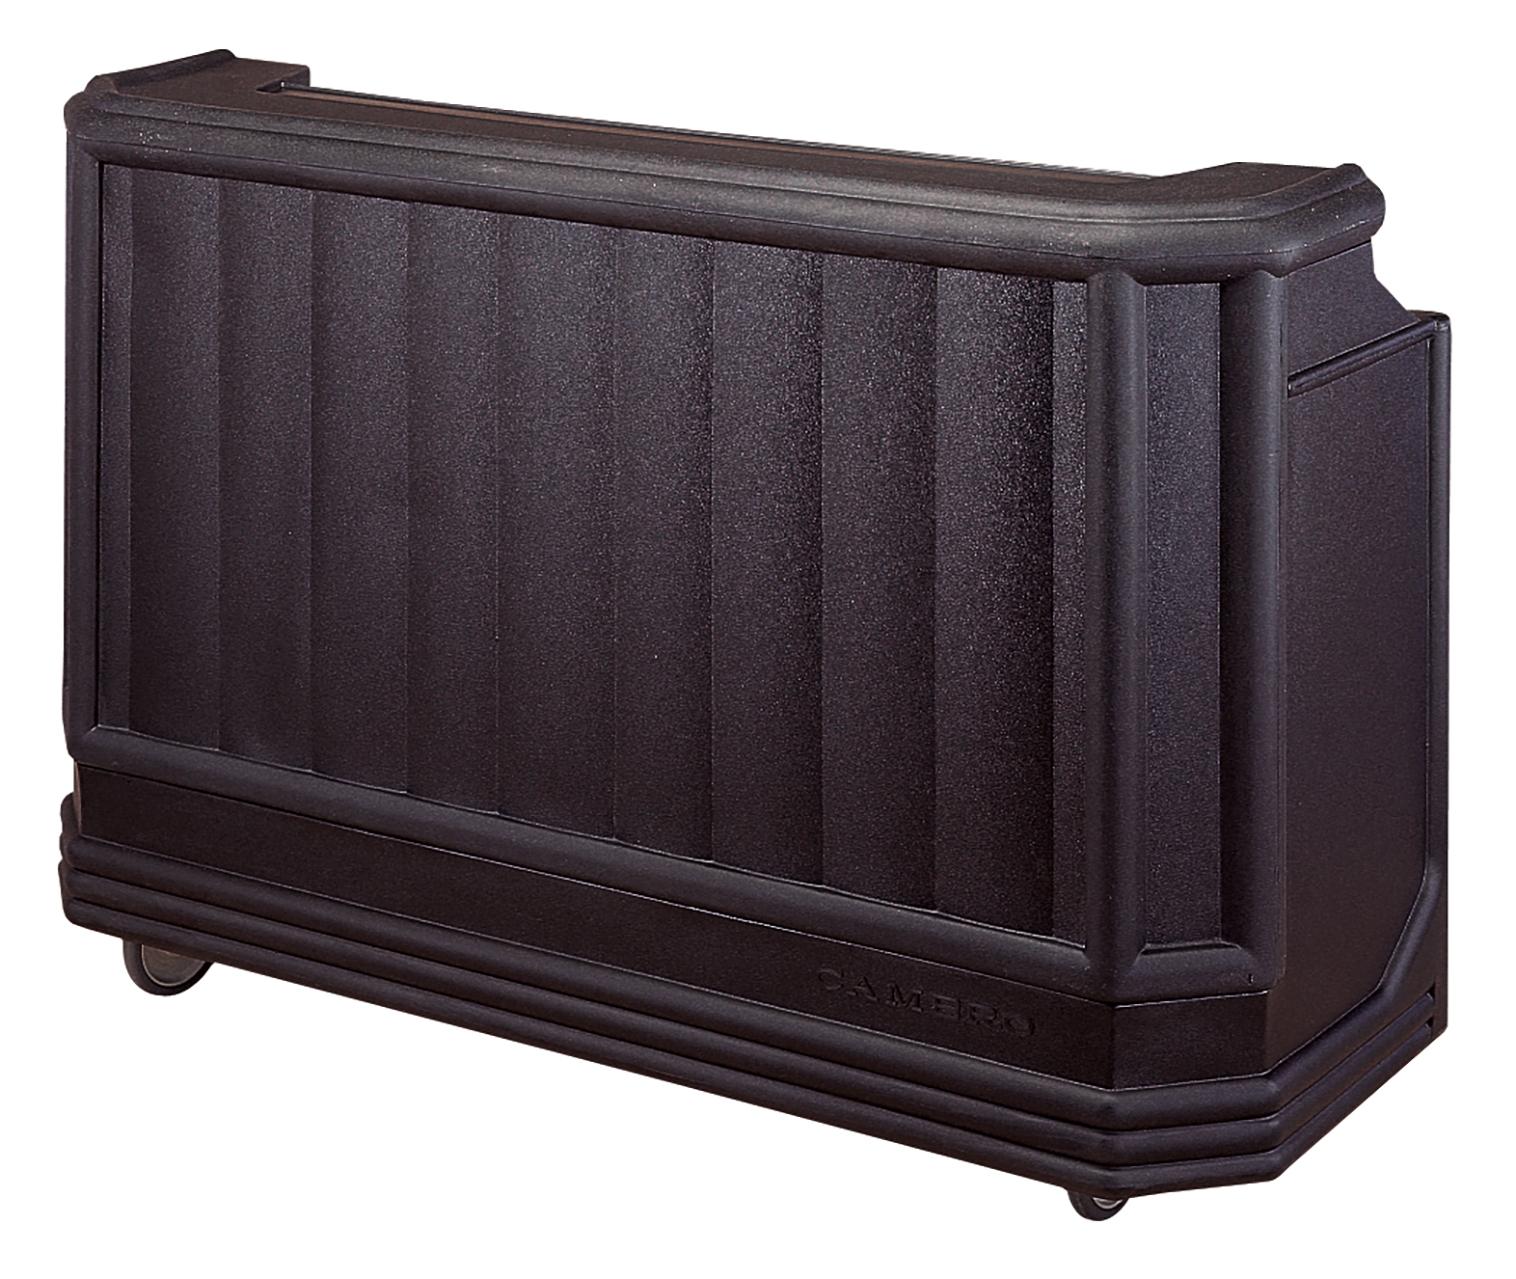 Cambro BAR730PMT110 portable bar